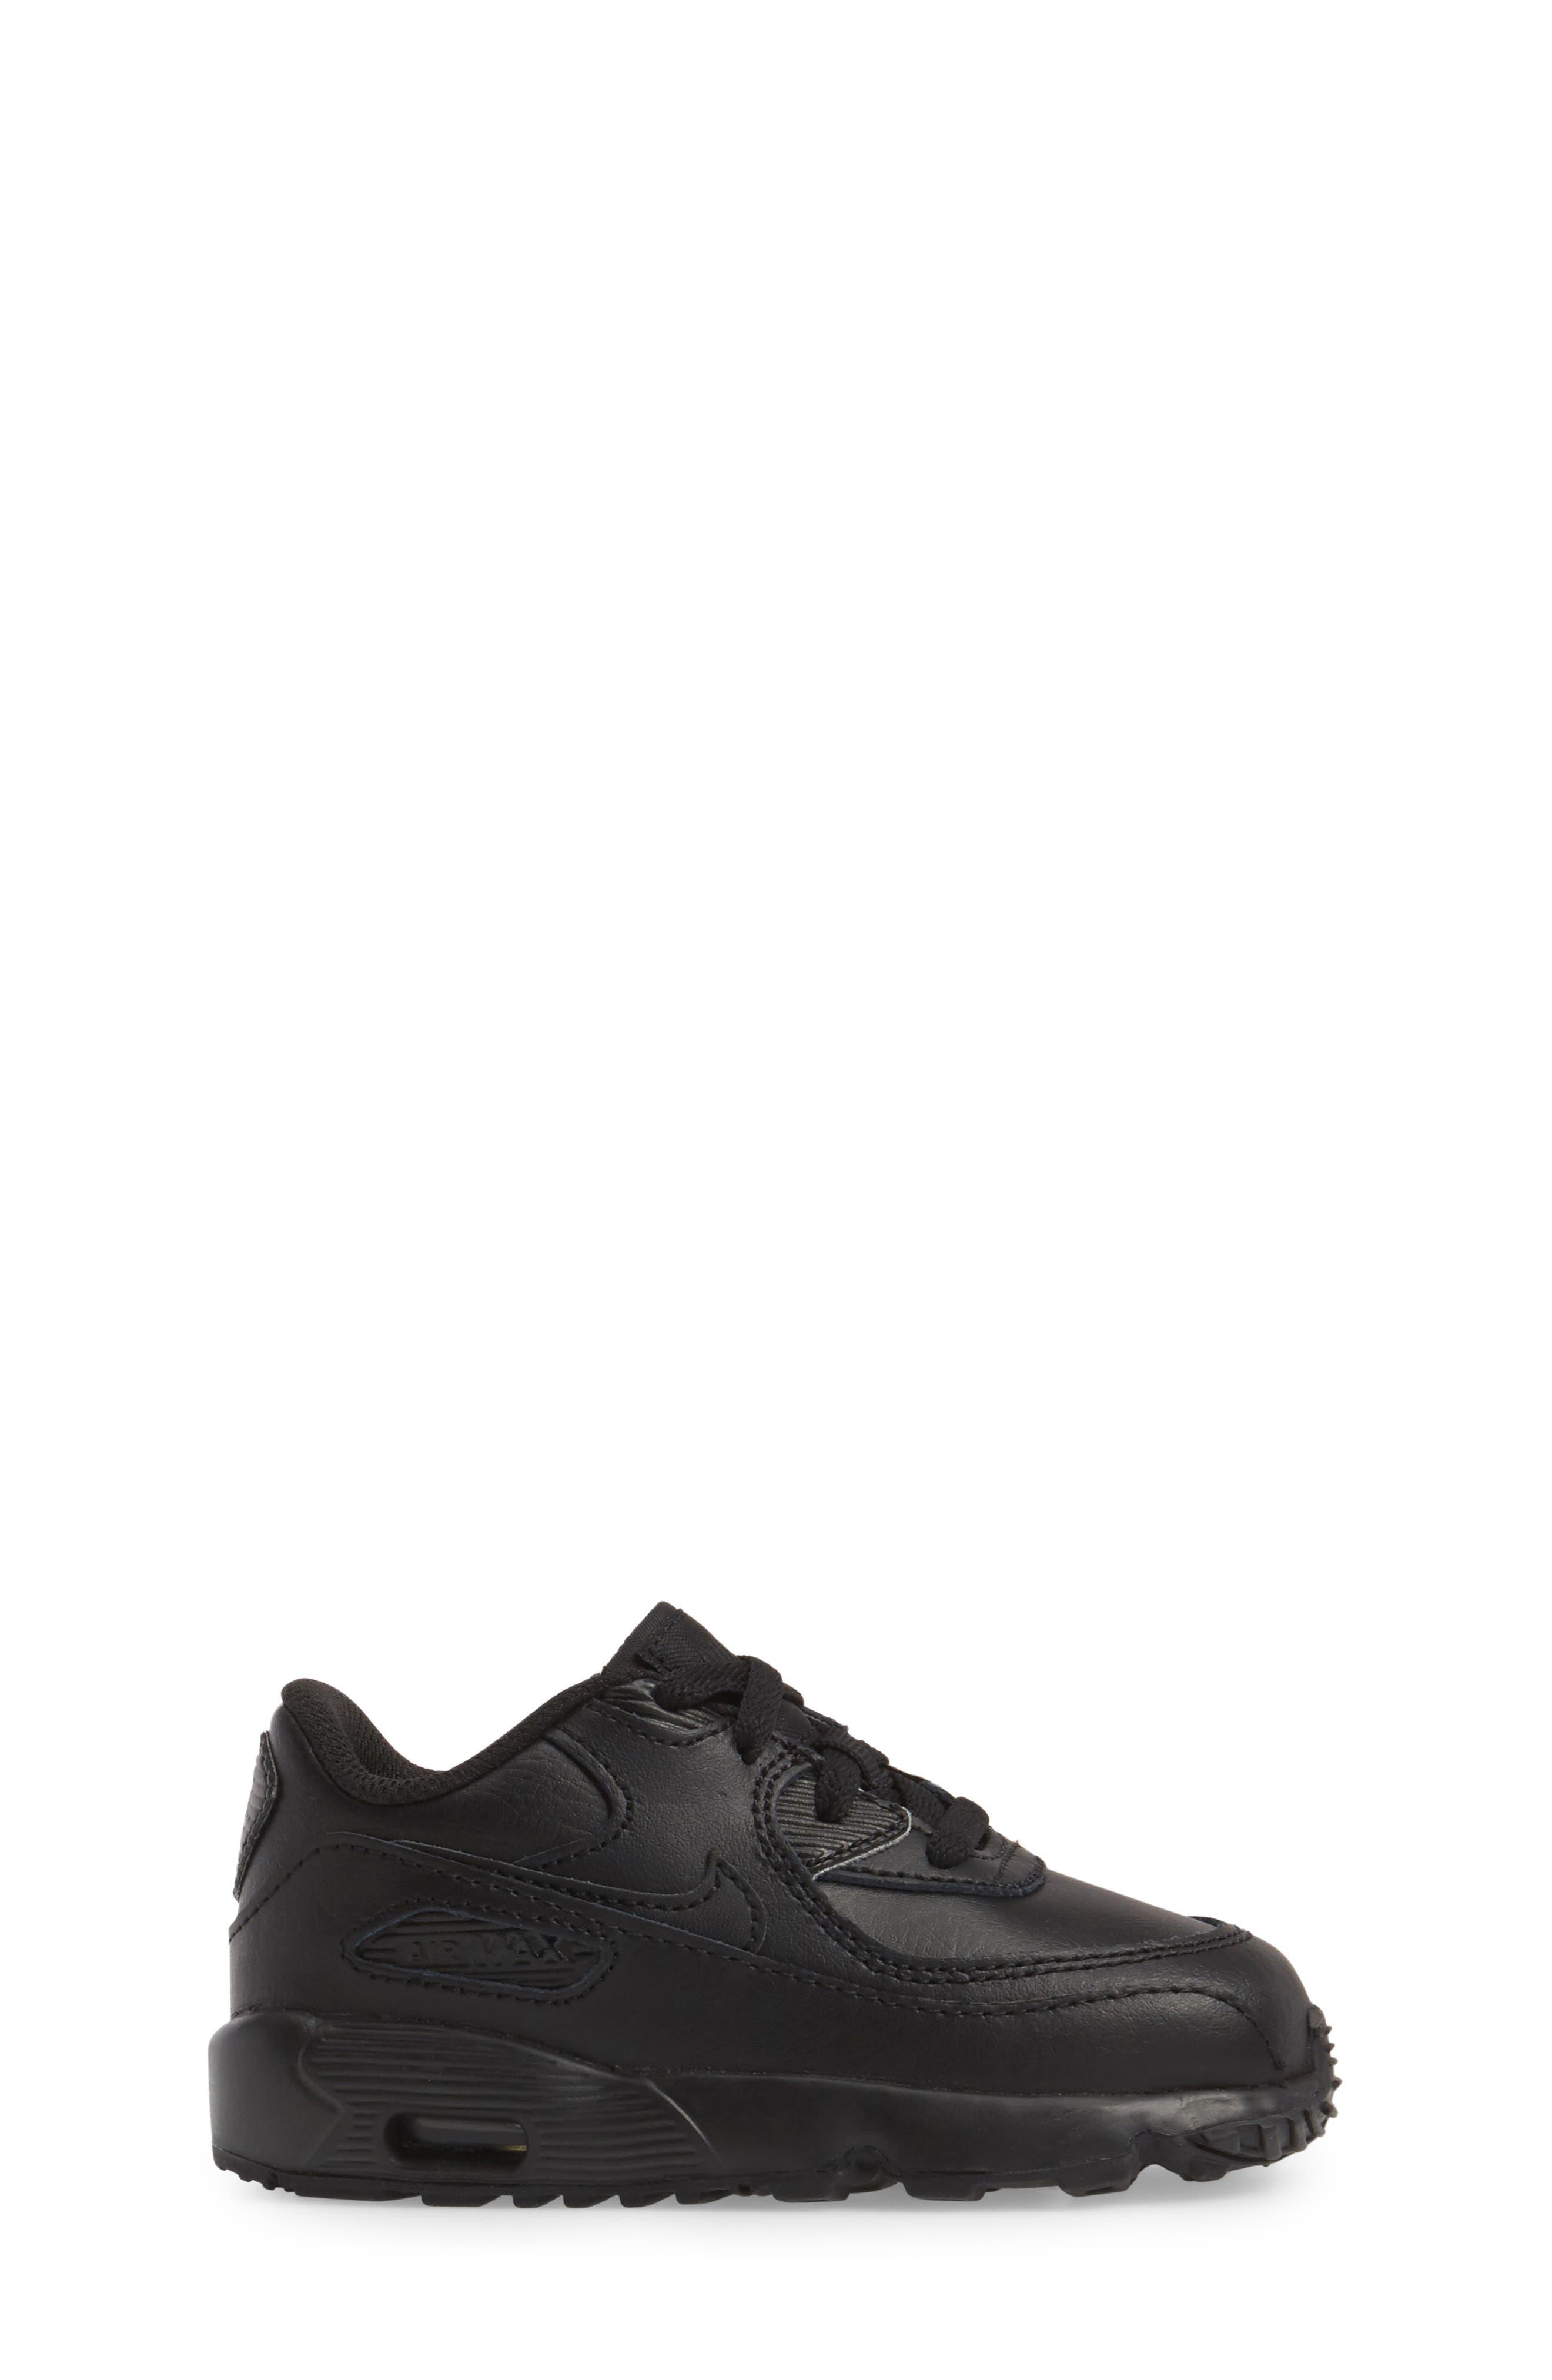 Air Max 90 Sneaker,                             Alternate thumbnail 8, color,